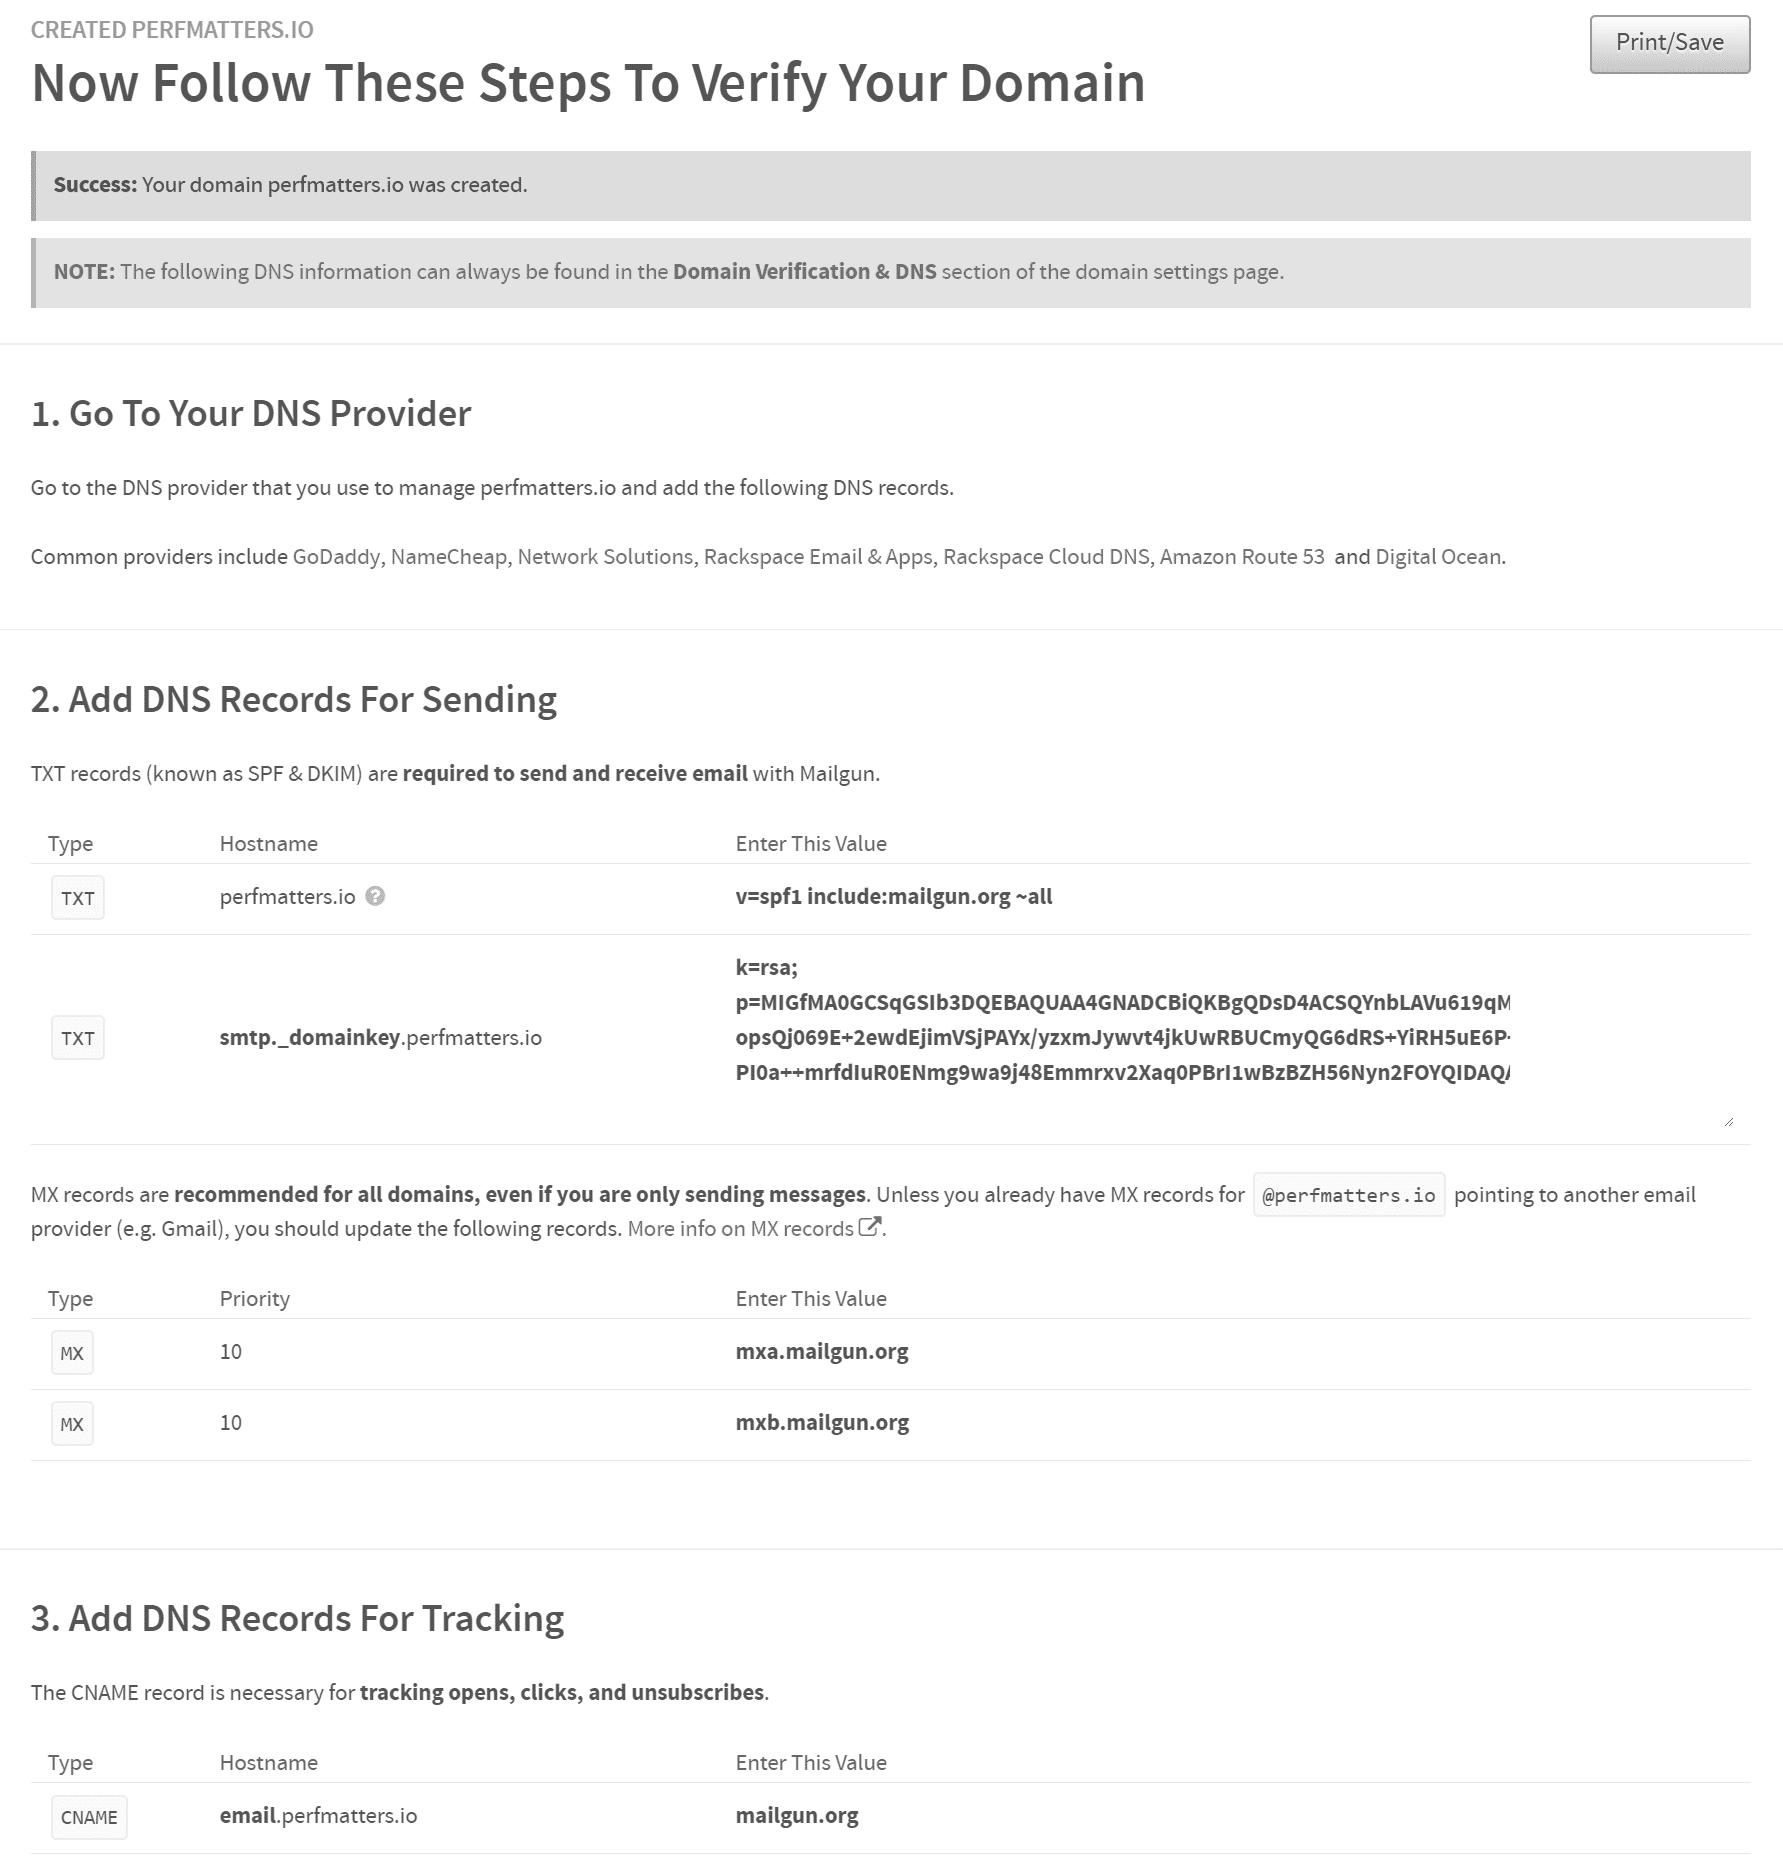 Überprüfe die DNS-Einträge der Domain